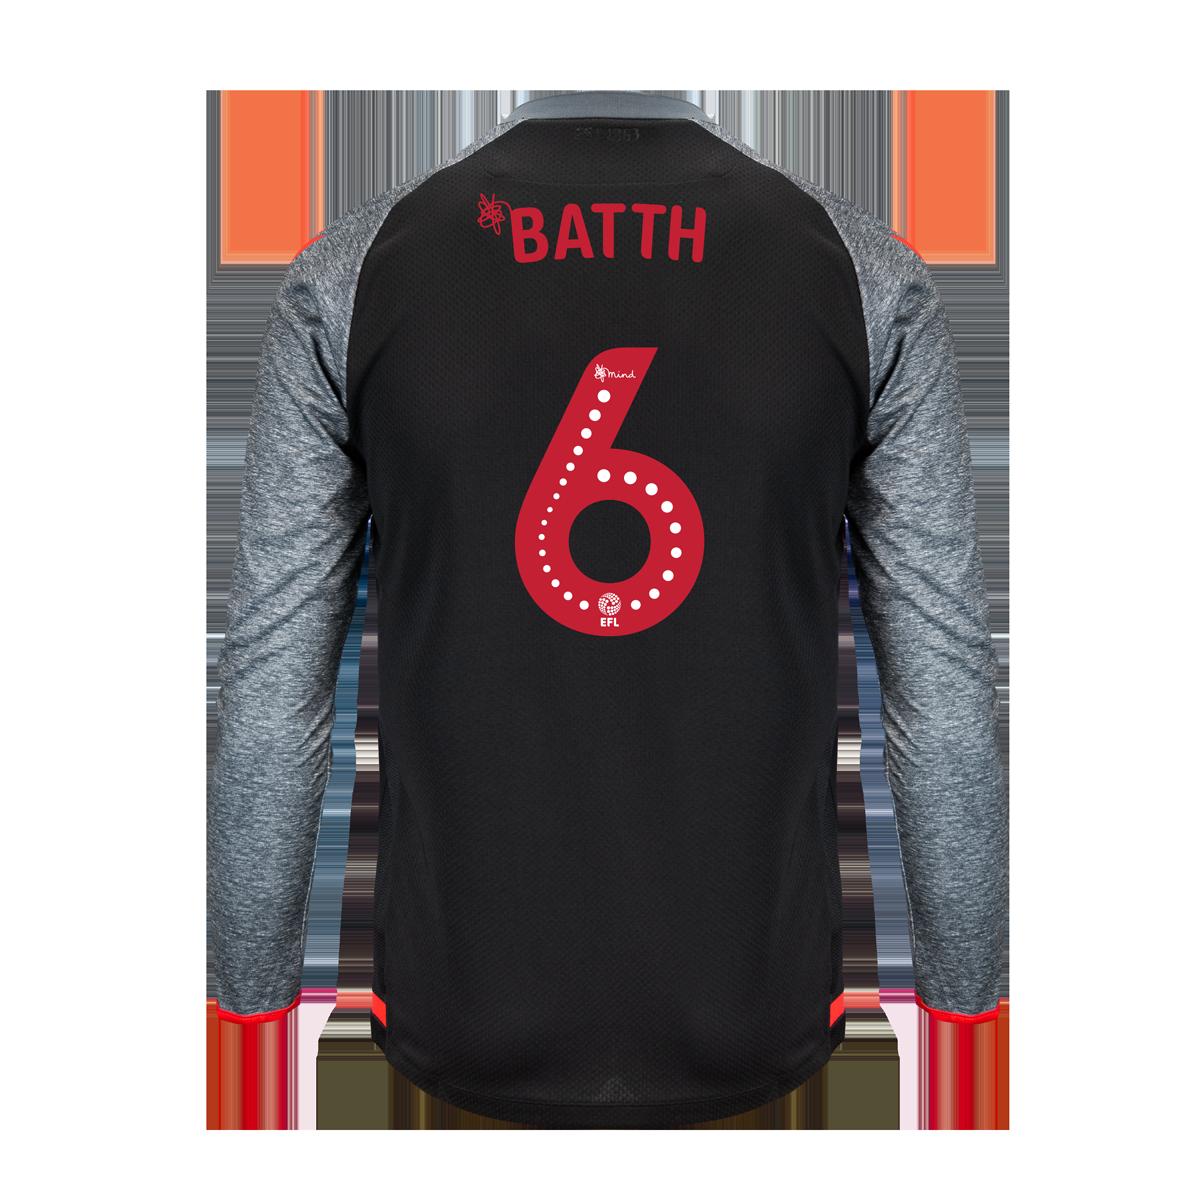 2019/20 Junior Away LS Shirt - Batth